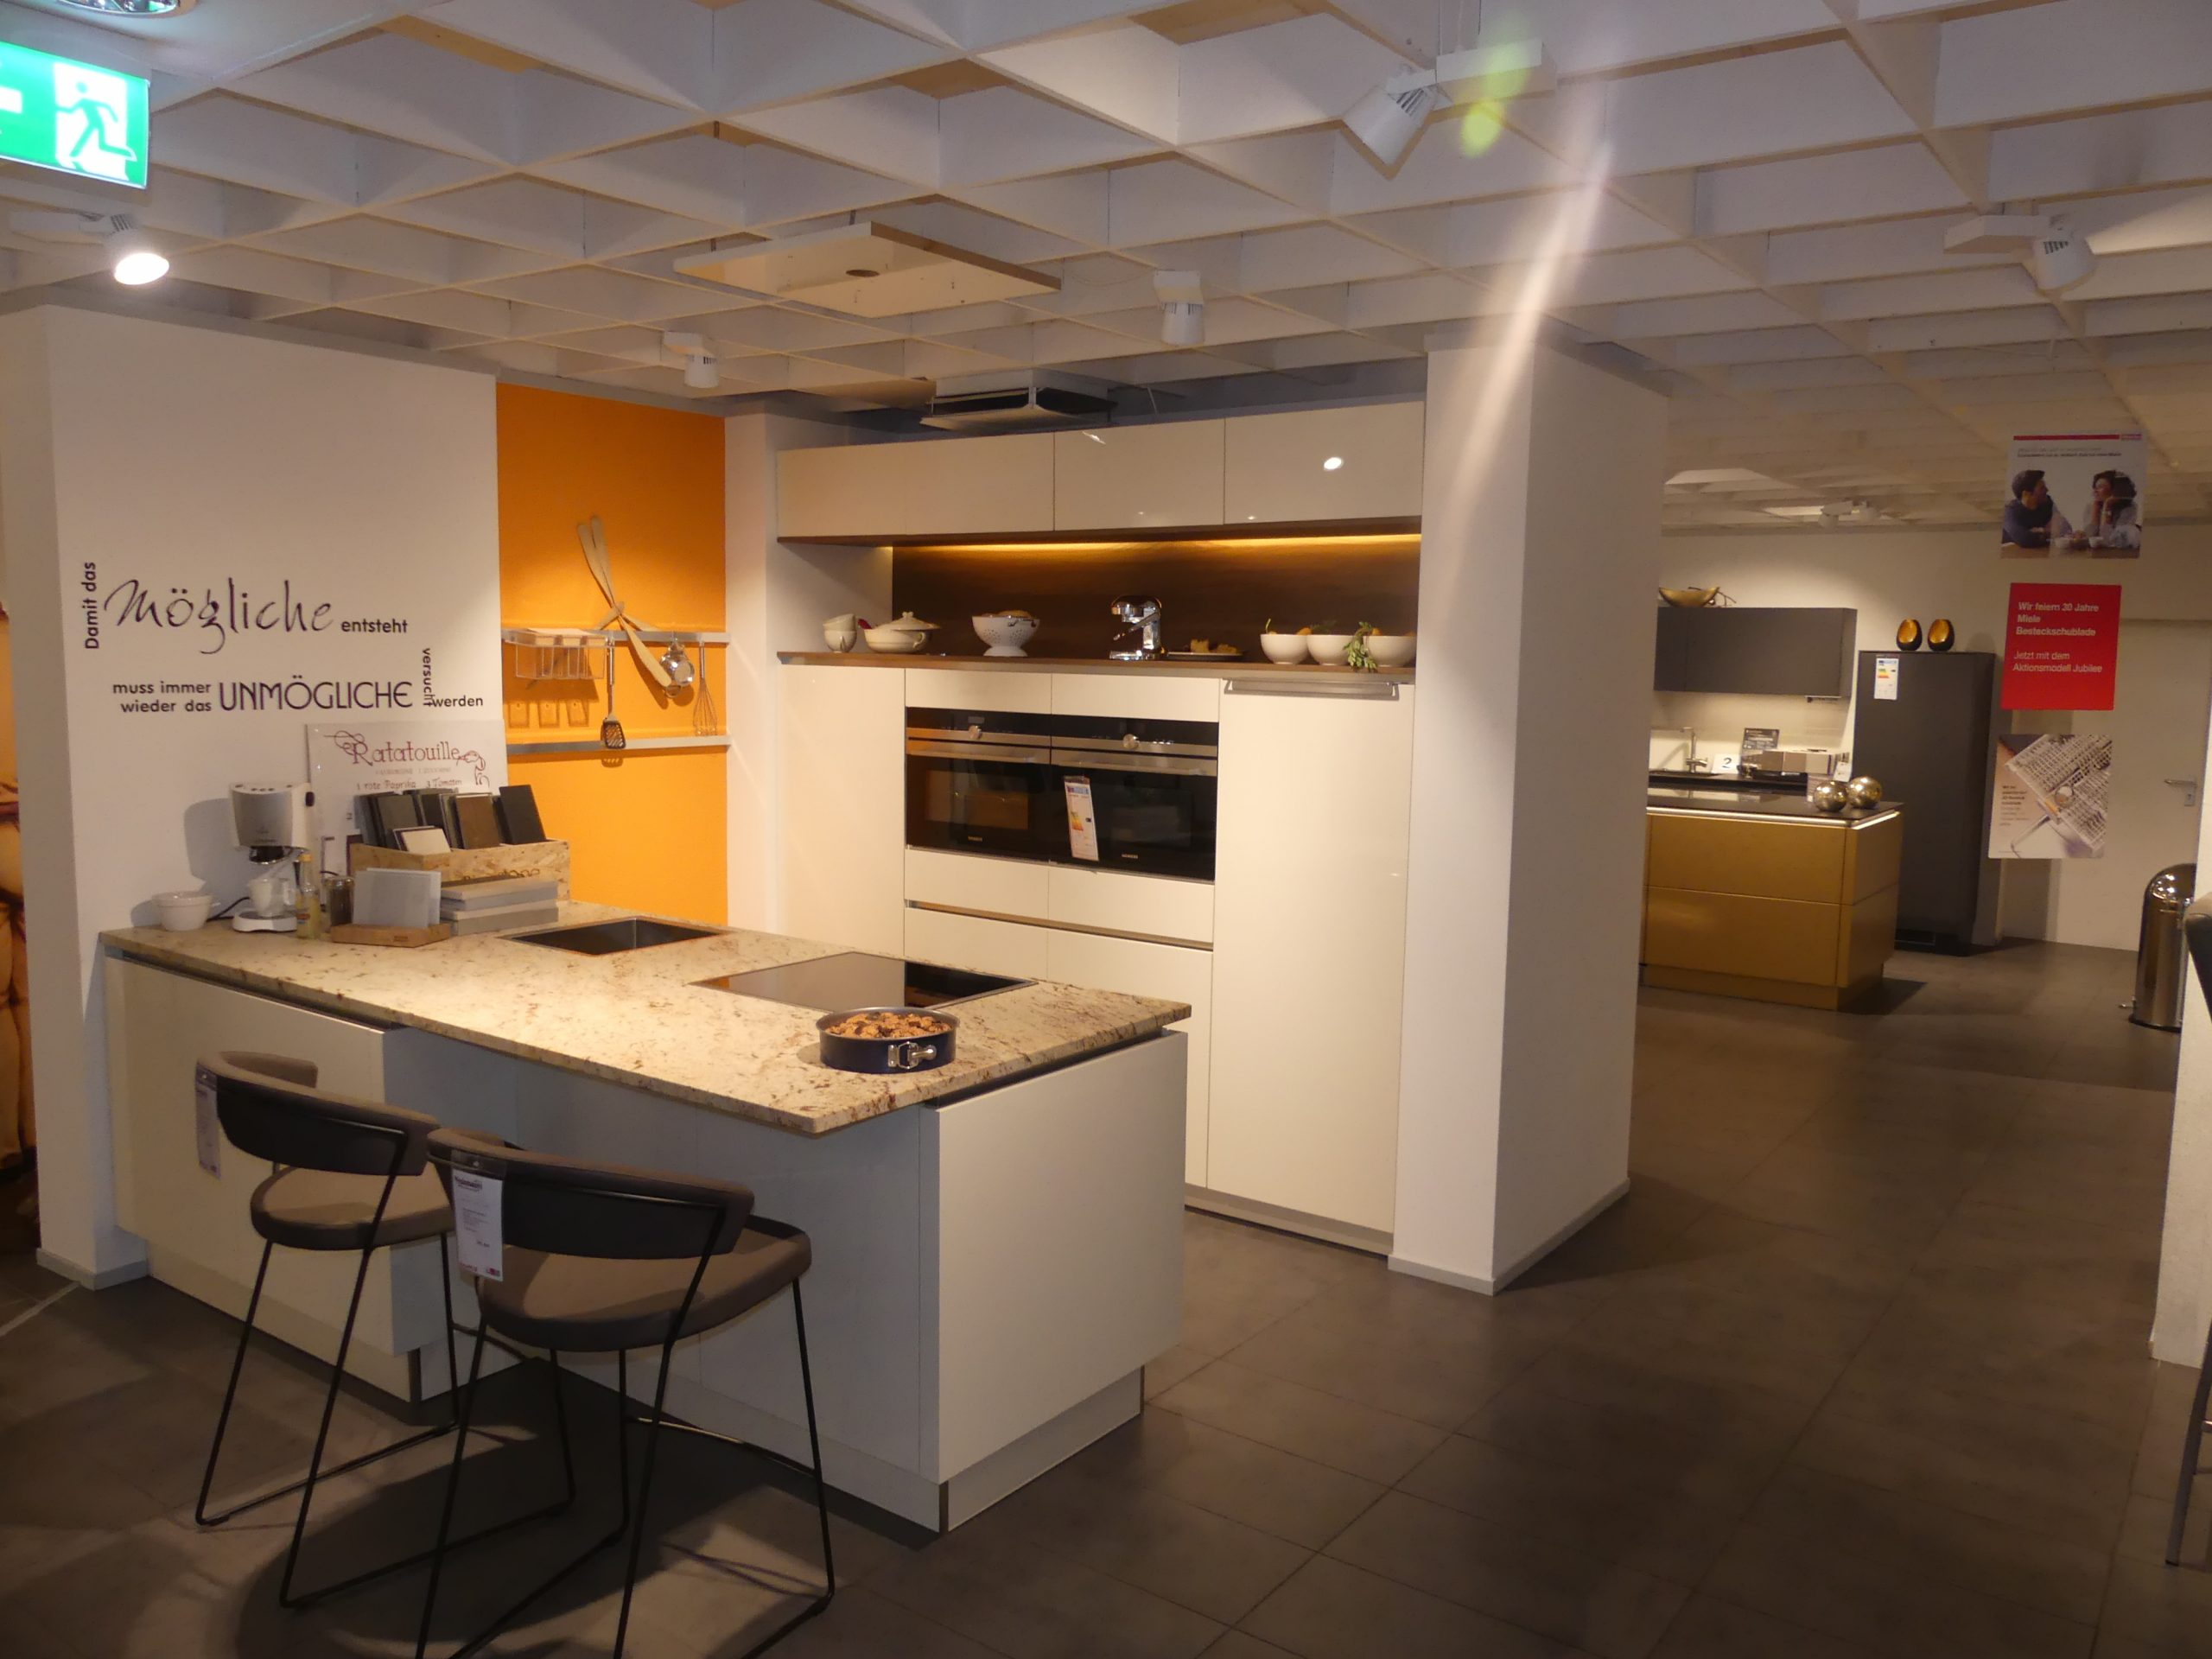 Full Size of Ausstellungsküchen Mein Ausstellungsstck Ausstellungskche Wohnzimmer Ausstellungsküchen